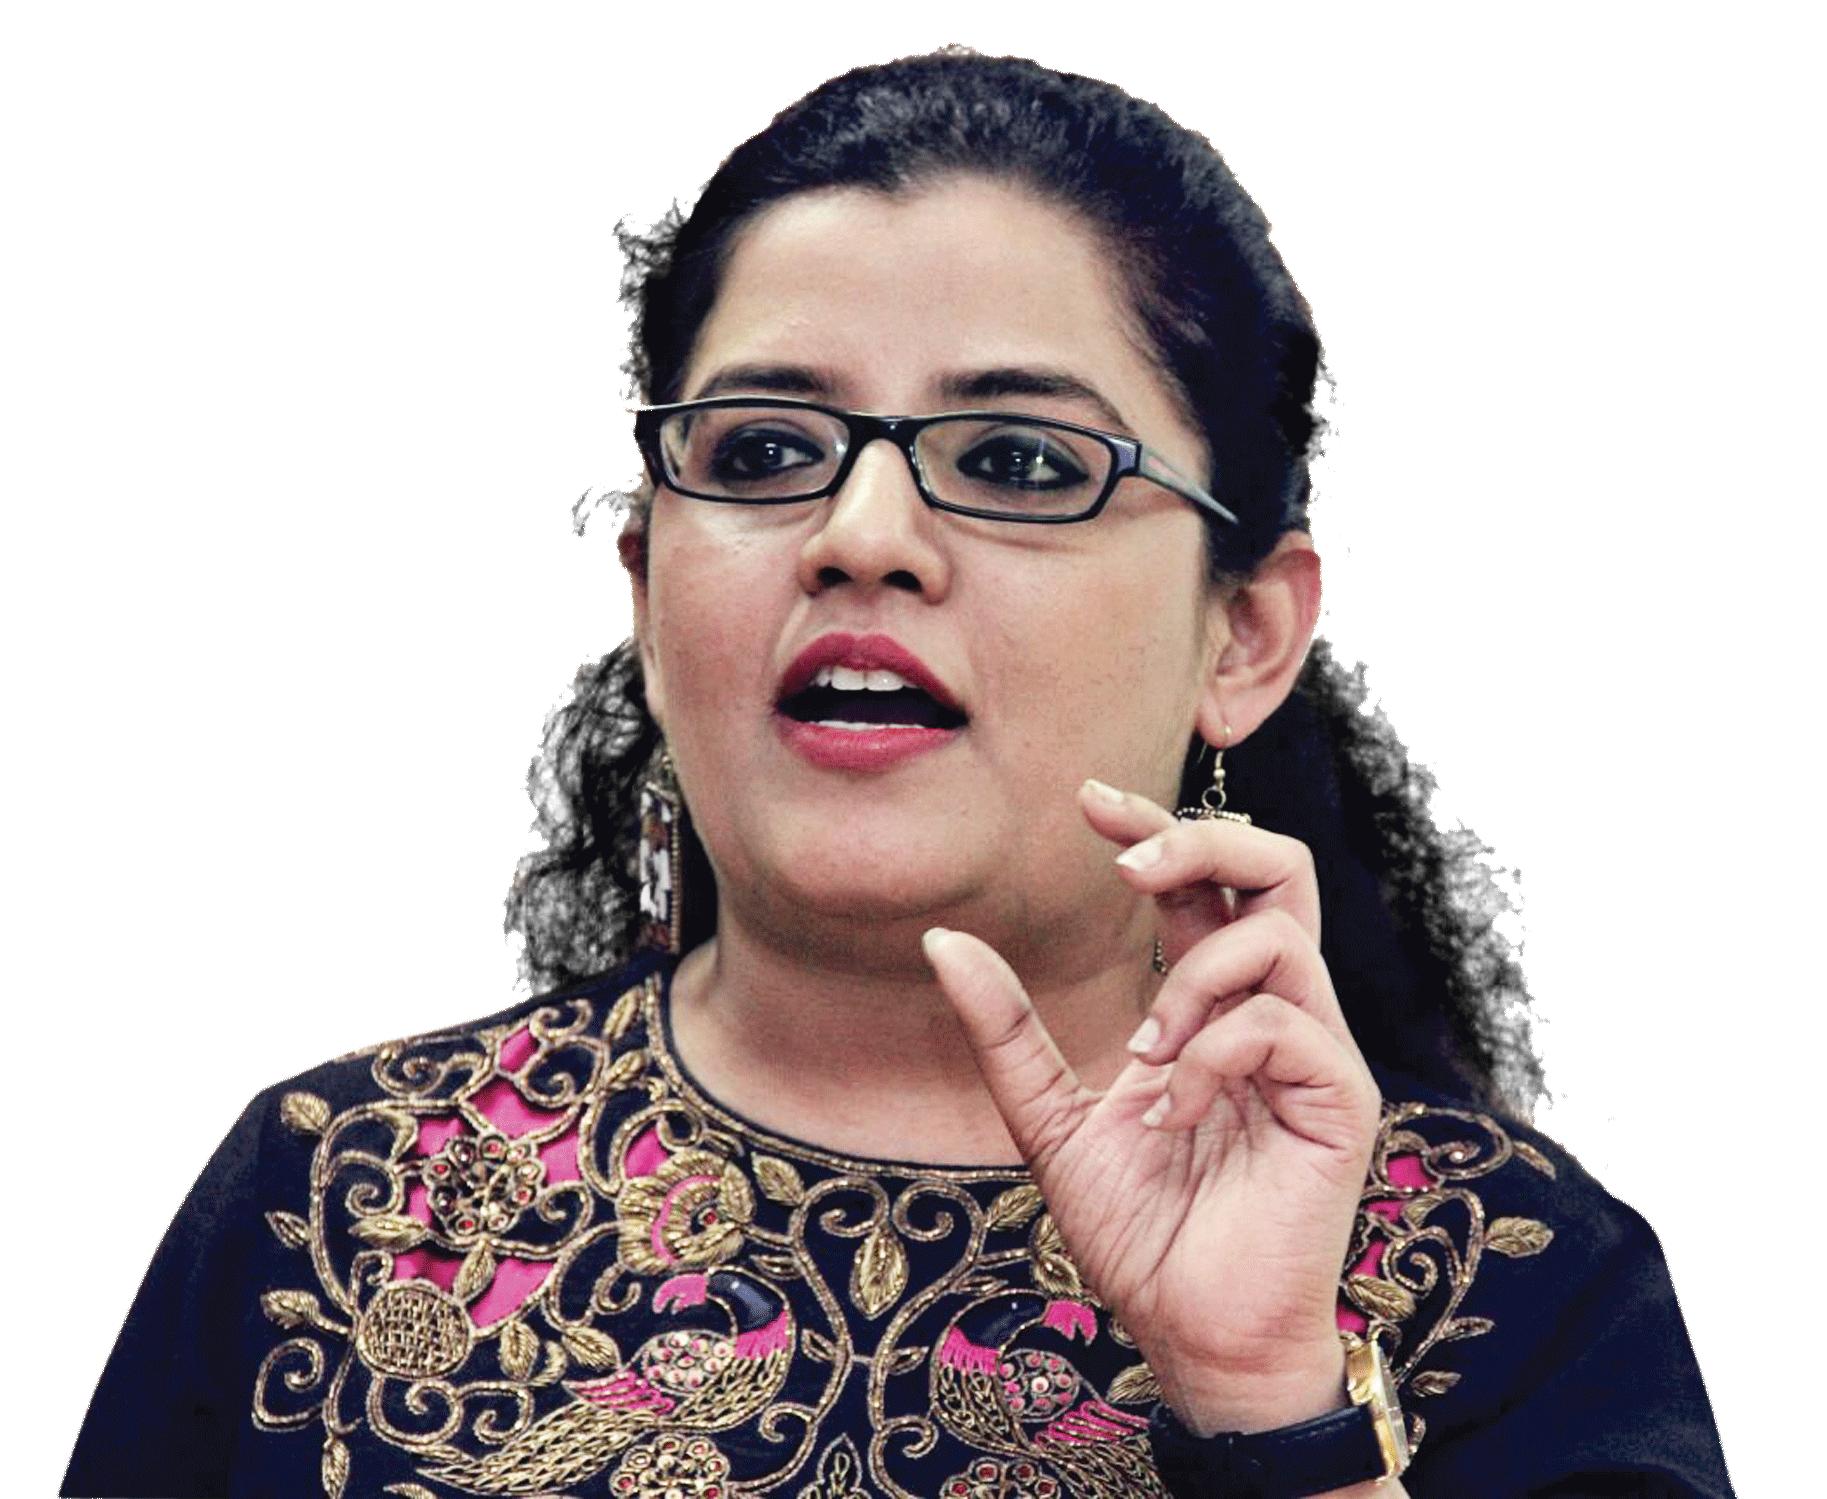 'हिंदी इंटरनेट पर बहुत अकेली है'